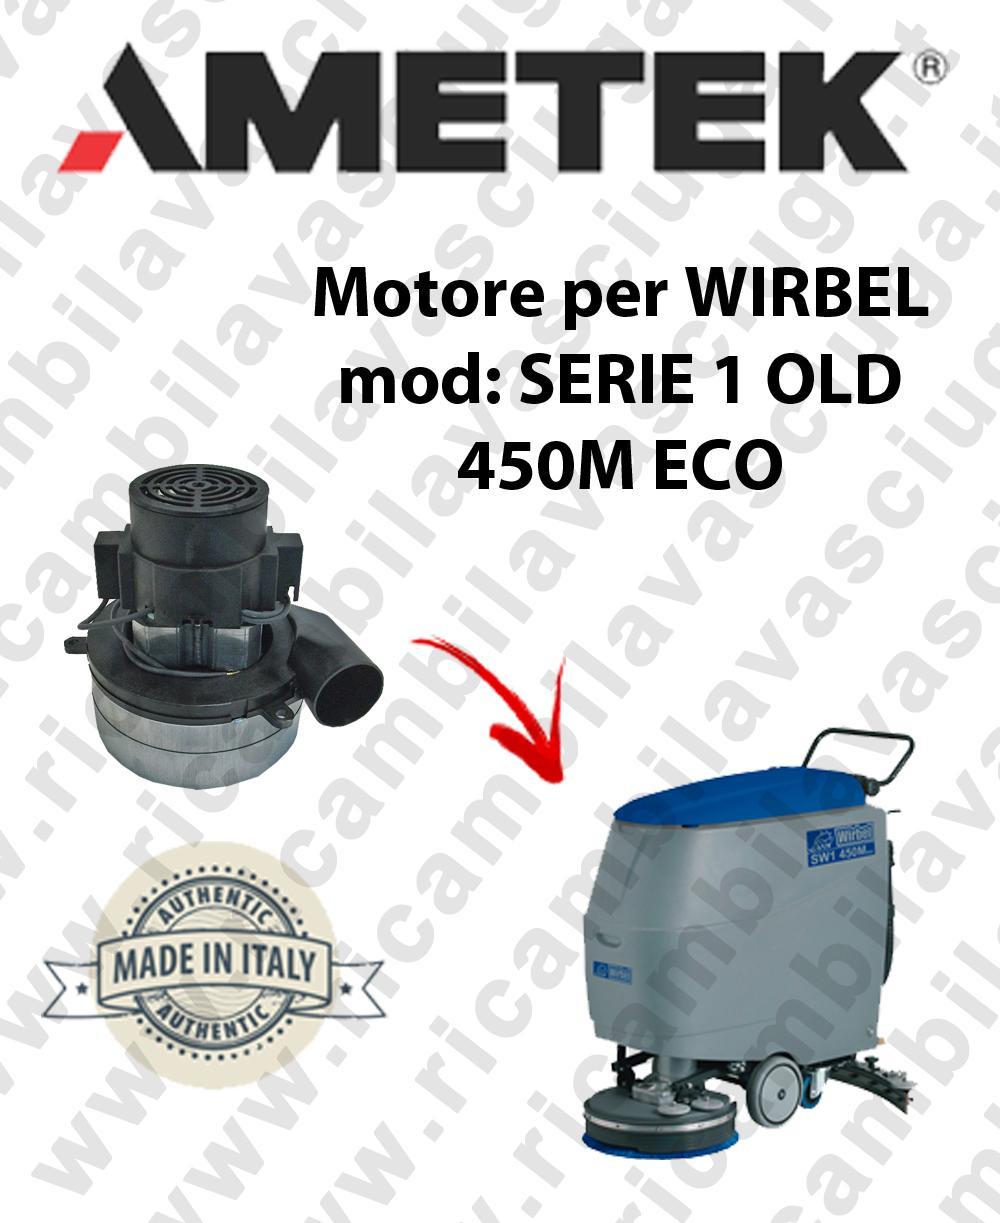 SERIE 1 OLD 450M ECO MOTORE AMETEK di aspirazione per lavapavimenti WIRBEL